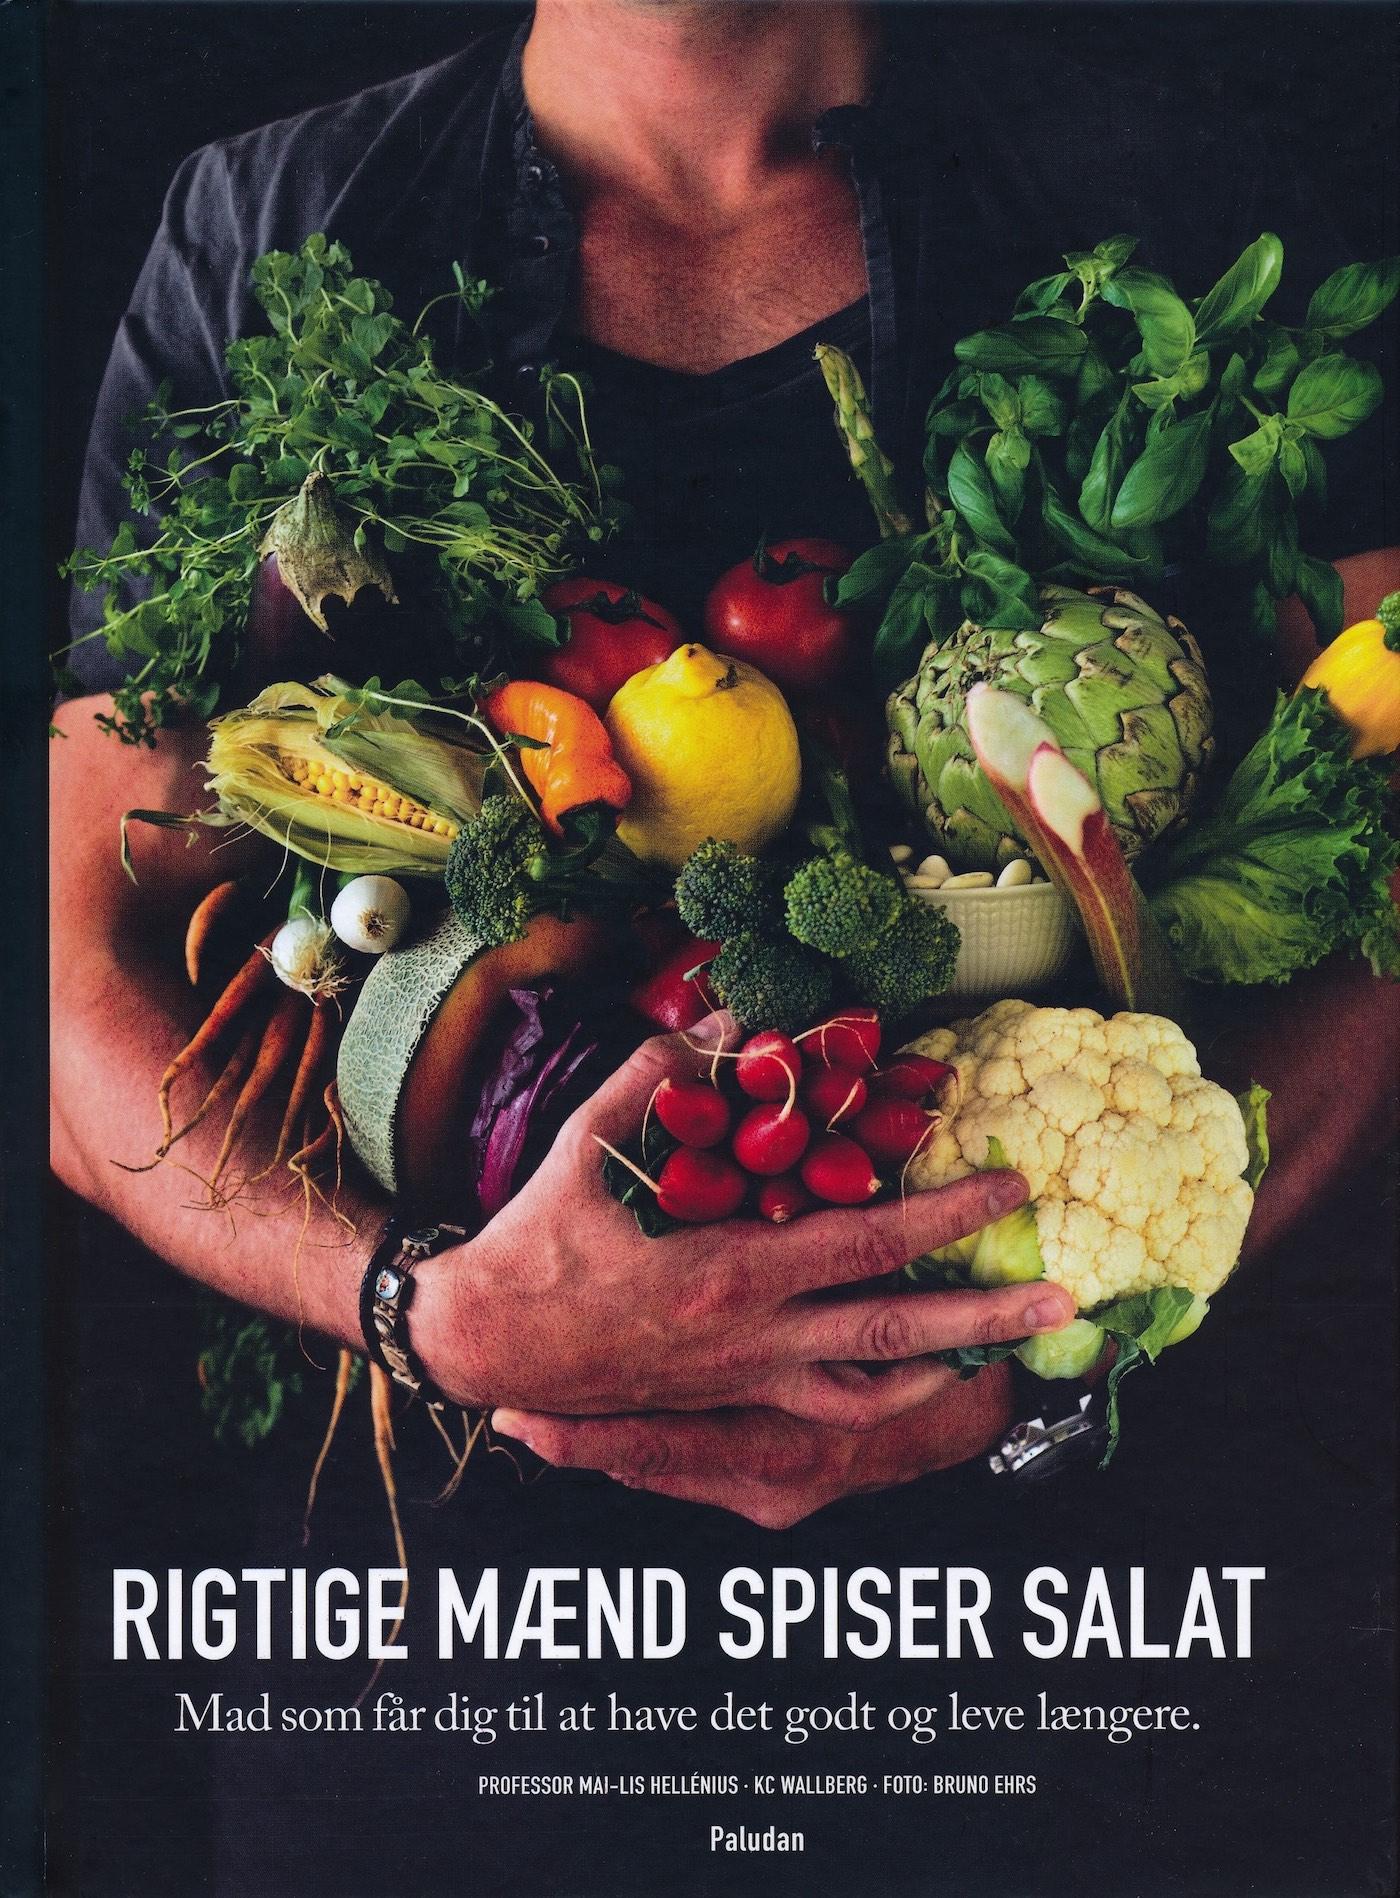 Rigtige mænd spiser salat .